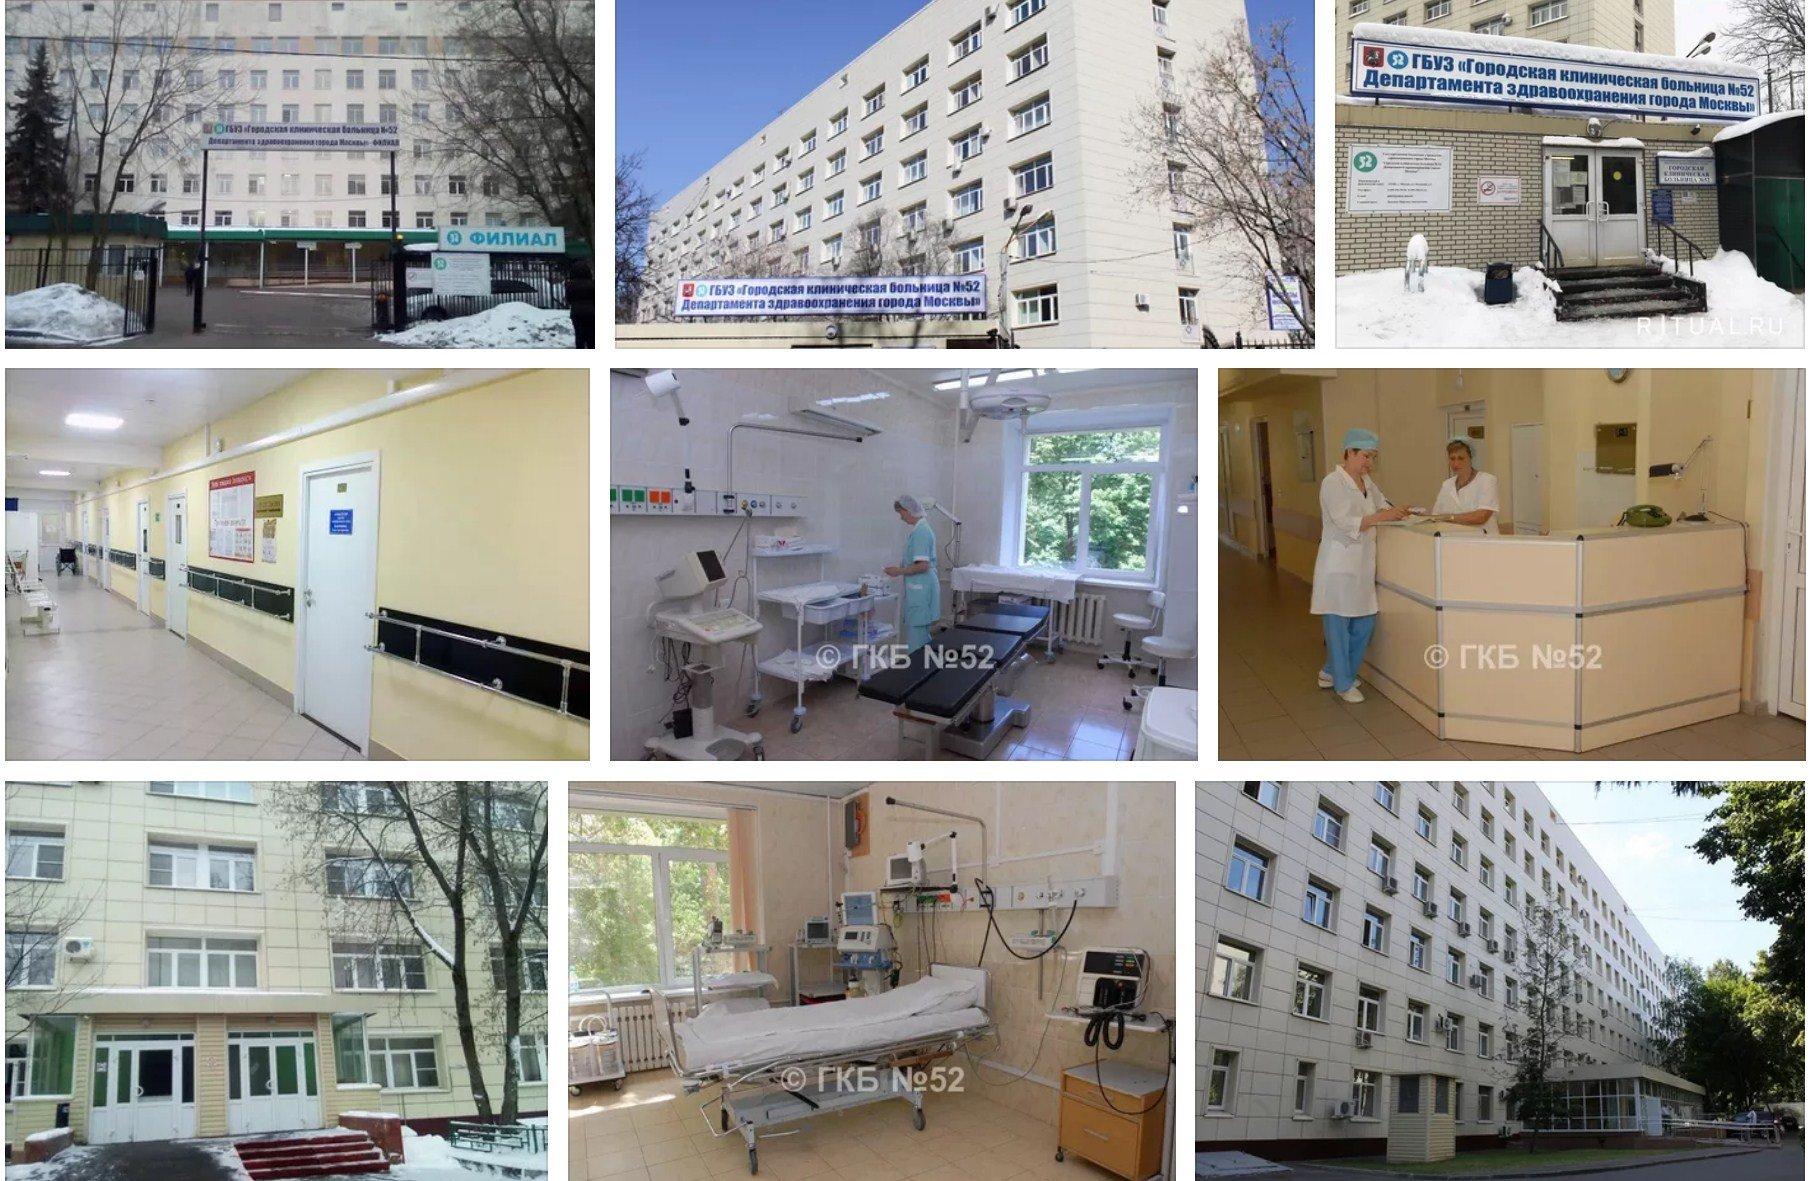 городской клинической больнице №52 Департамента здравоохранения Москвы